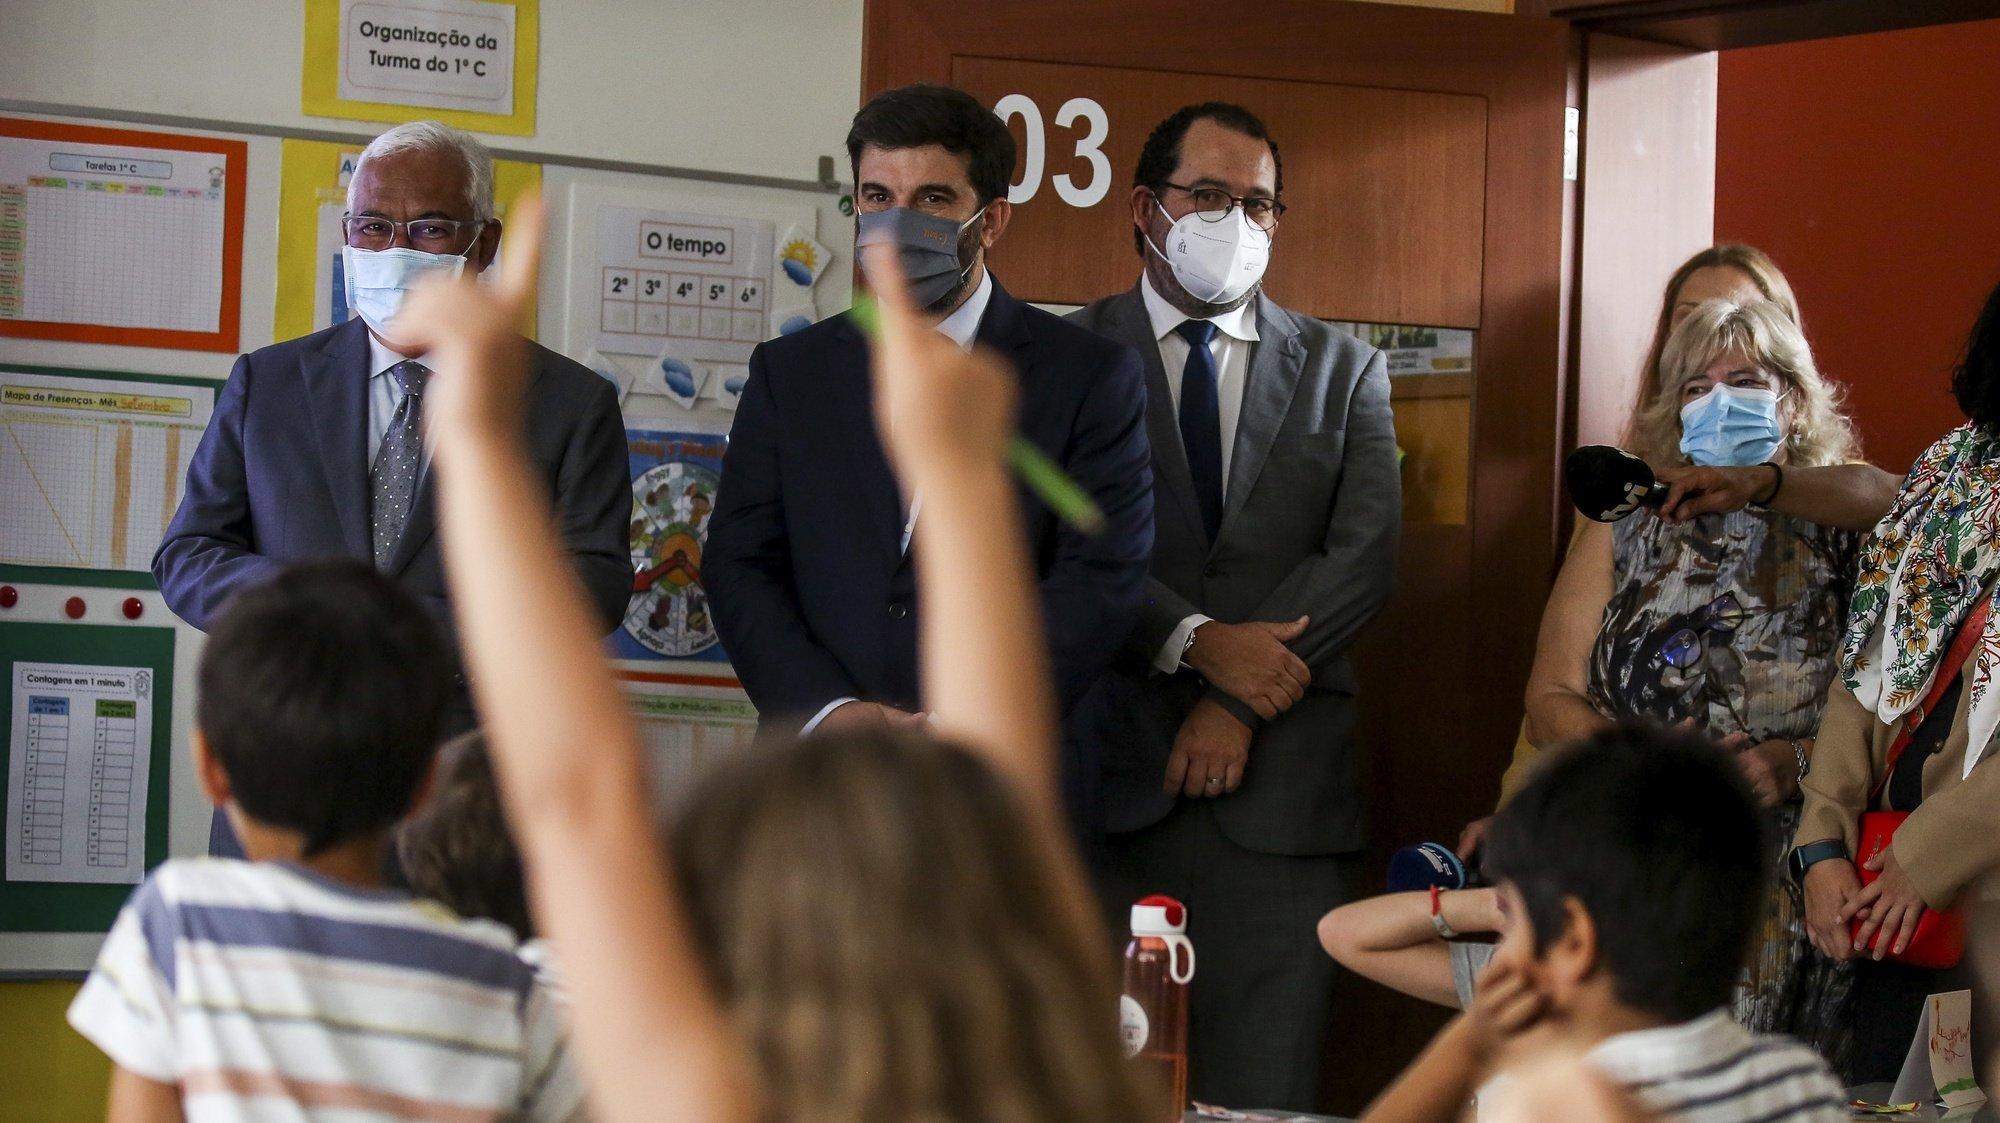 O primeiro-ministro, António Costa (E), acompanhado pelo ministro da Educação, Tiago Brandão Rodrigues (2E), visita o Agrupamento de Escolas Dona Filipa de Lencastre em Lisboa, 15 de setembro de 2021. NUNO FOX/LUSA